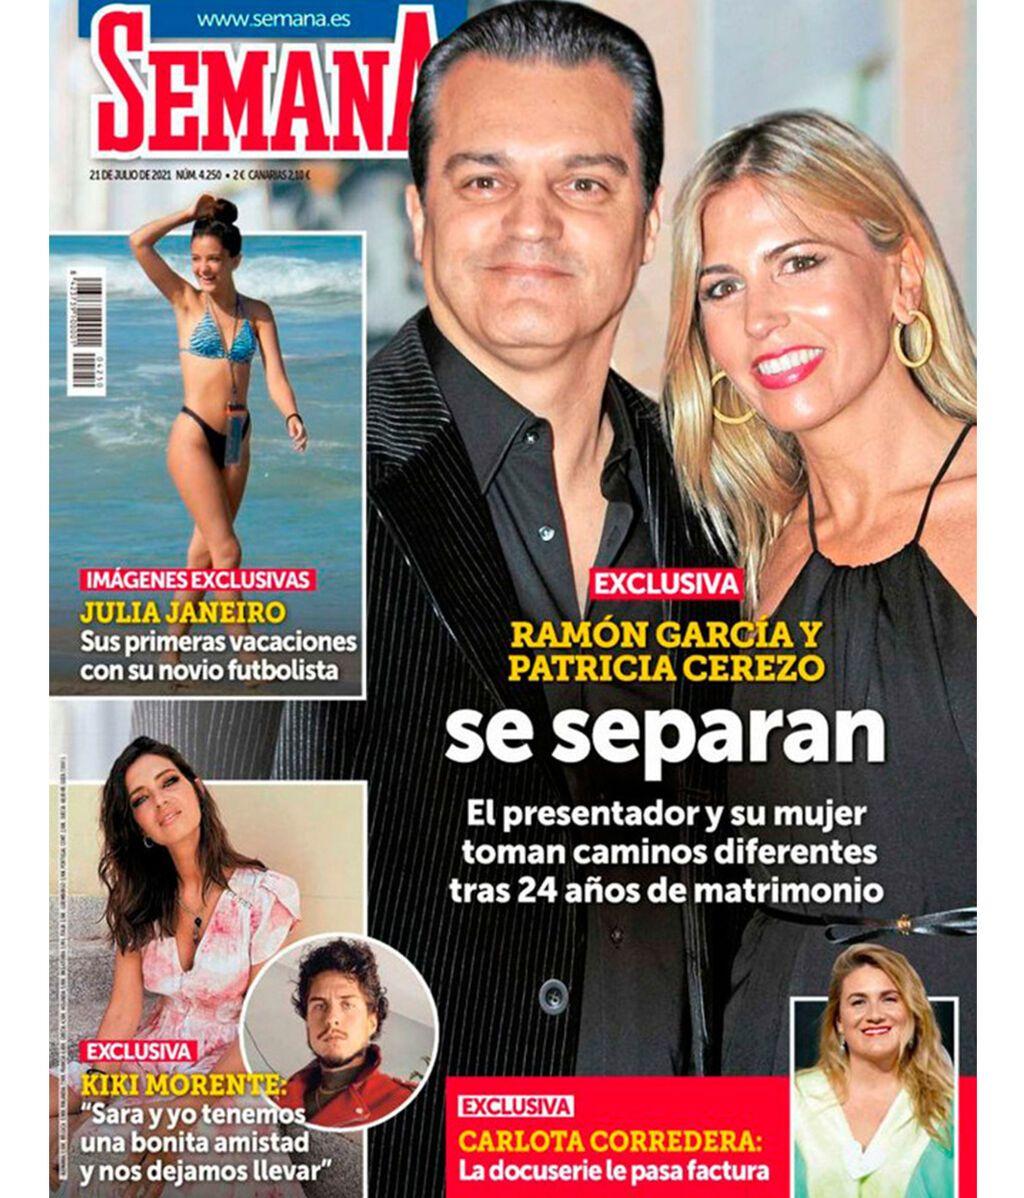 Ramón García y Patricia Cerezo se separan, según Semana